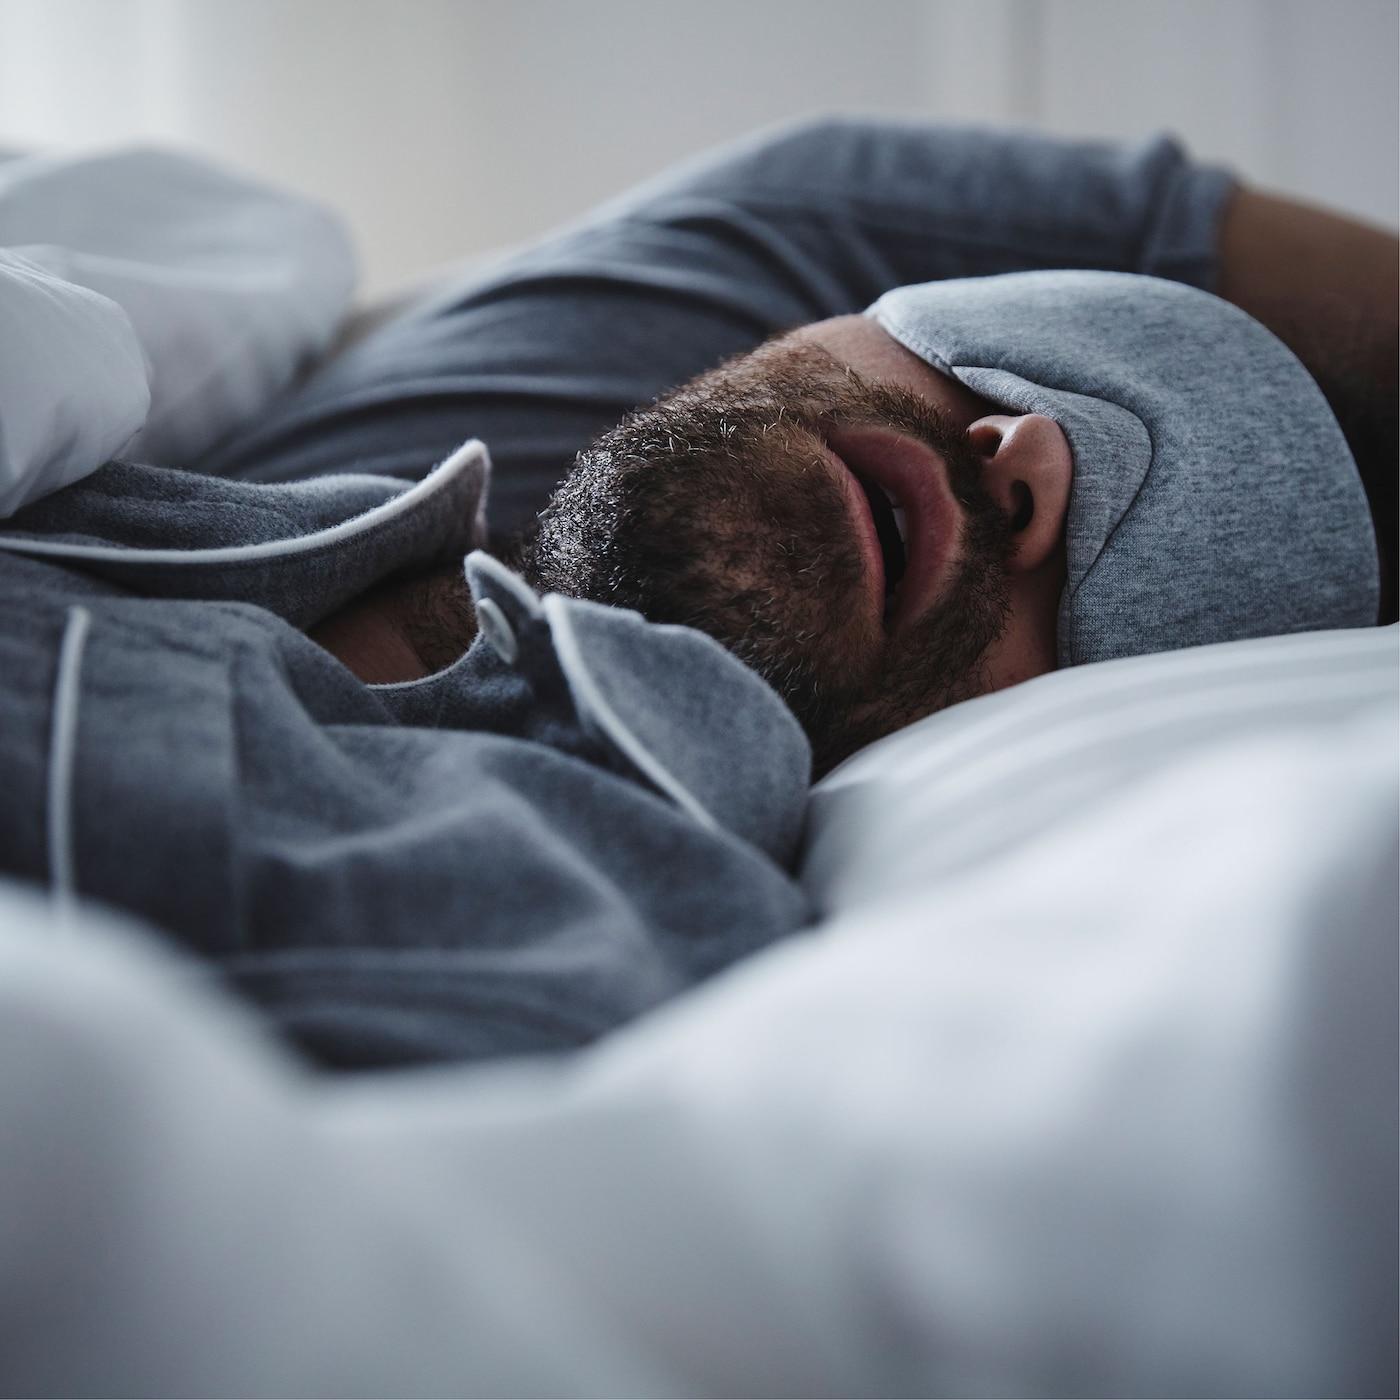 Pijama urdin bat eta kolore bereko mozorro bat daraman gizon bat lo dago ohean etzanda eta ahoa irekita du.